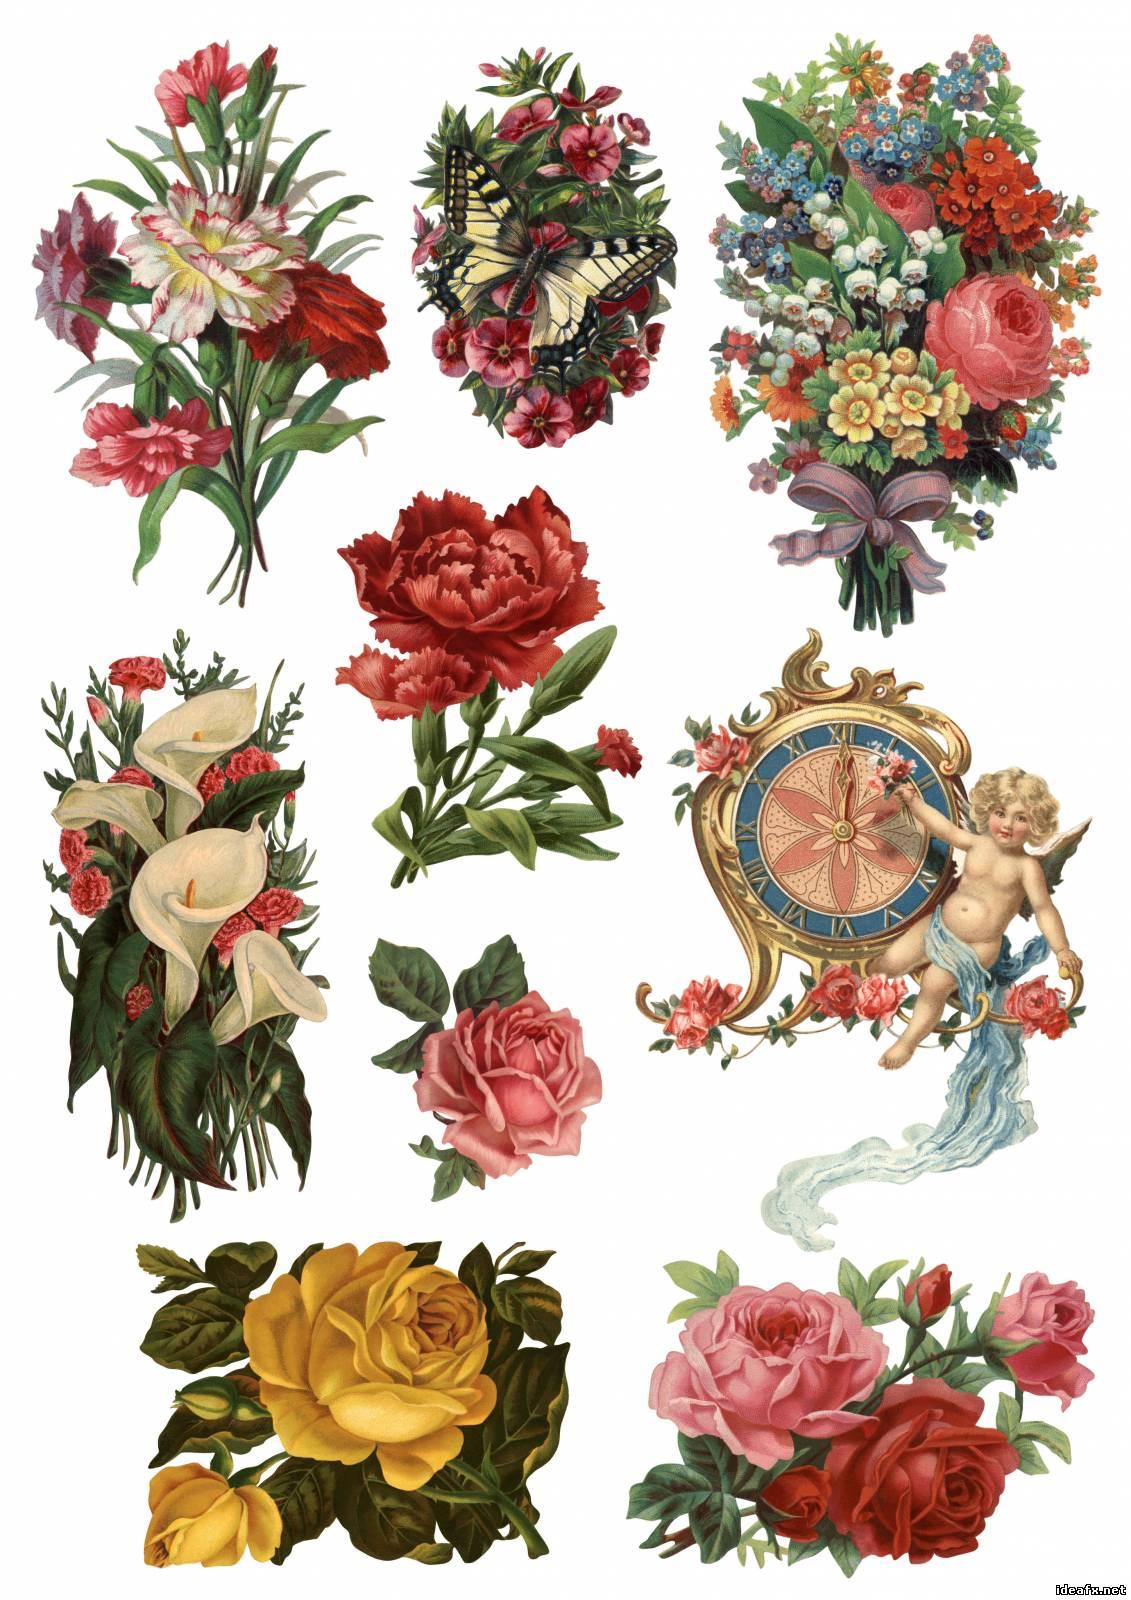 дизайнерские цветные картинки цветов для печати на принтере основном, замызганные